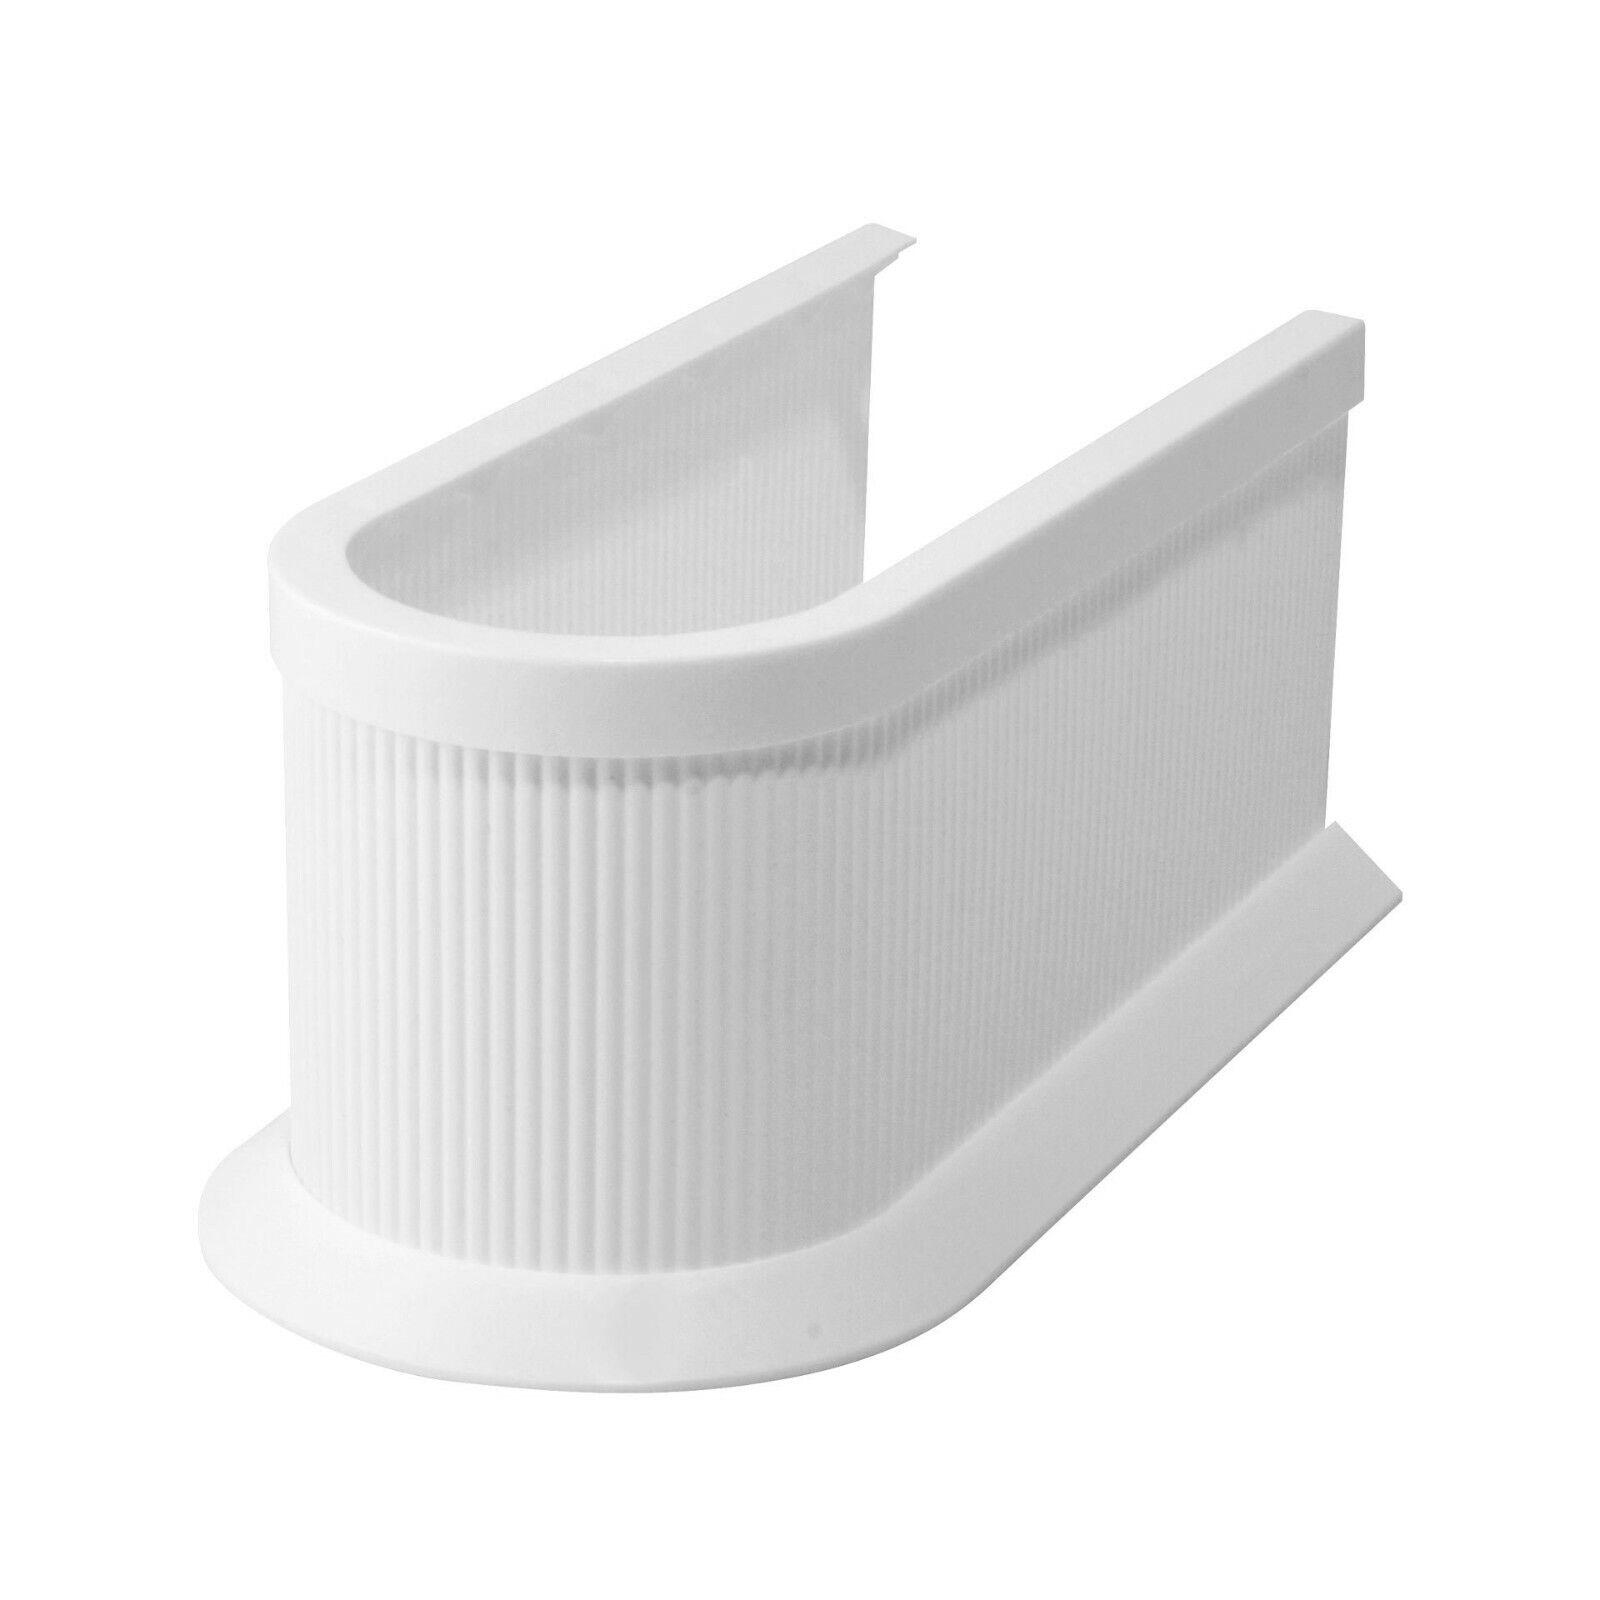 FACKELMANN Siphonabdeckung, Rohrverkleidung für Waschbeckenunterschränke, weiß